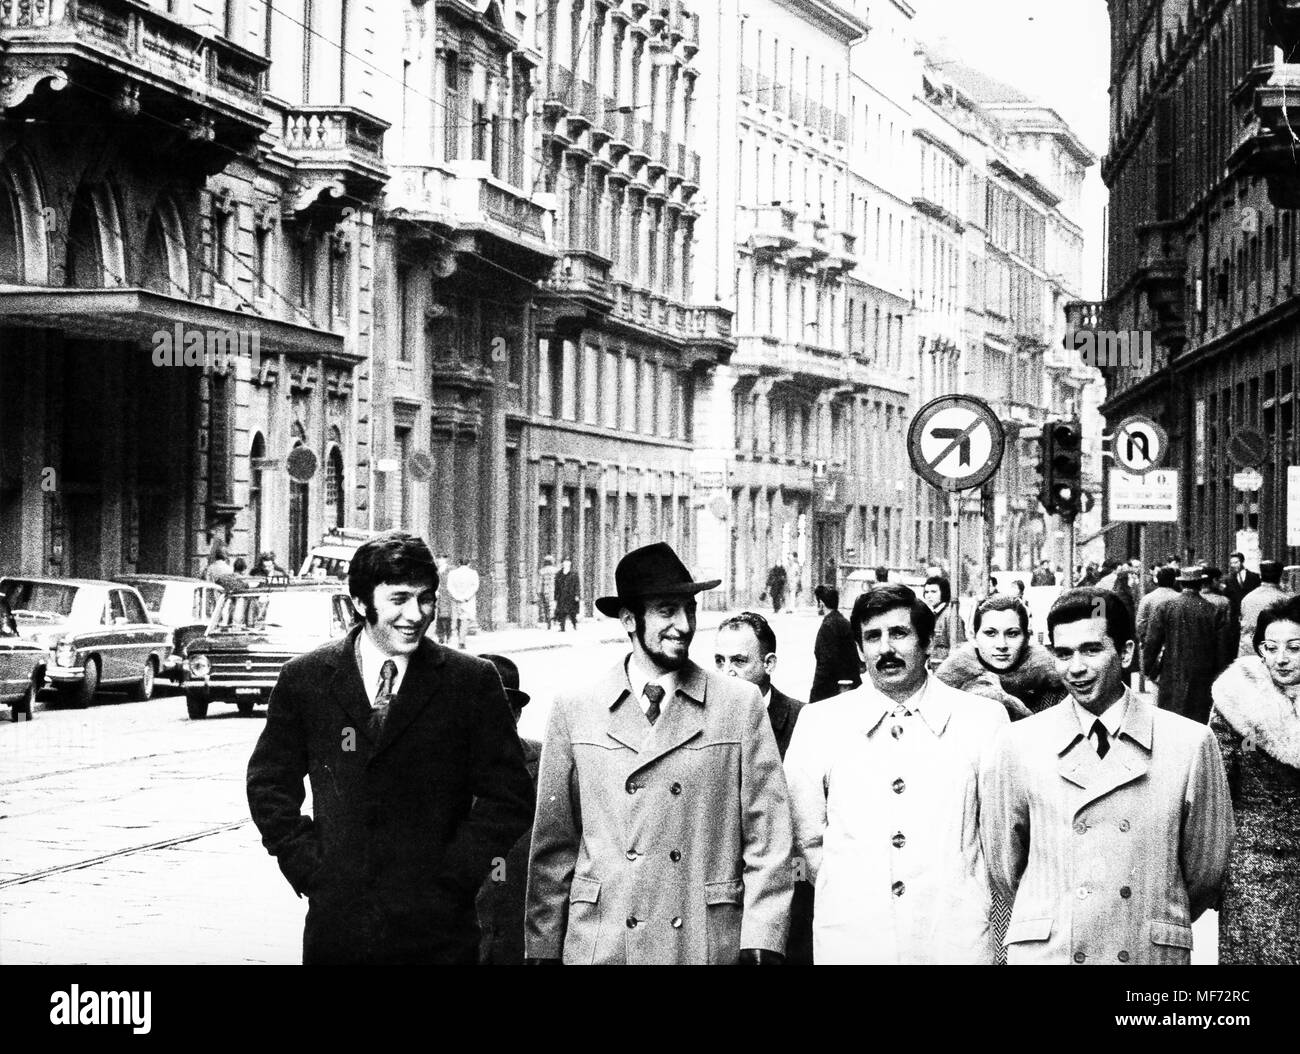 Milano, Italia, 70s Immagini Stock